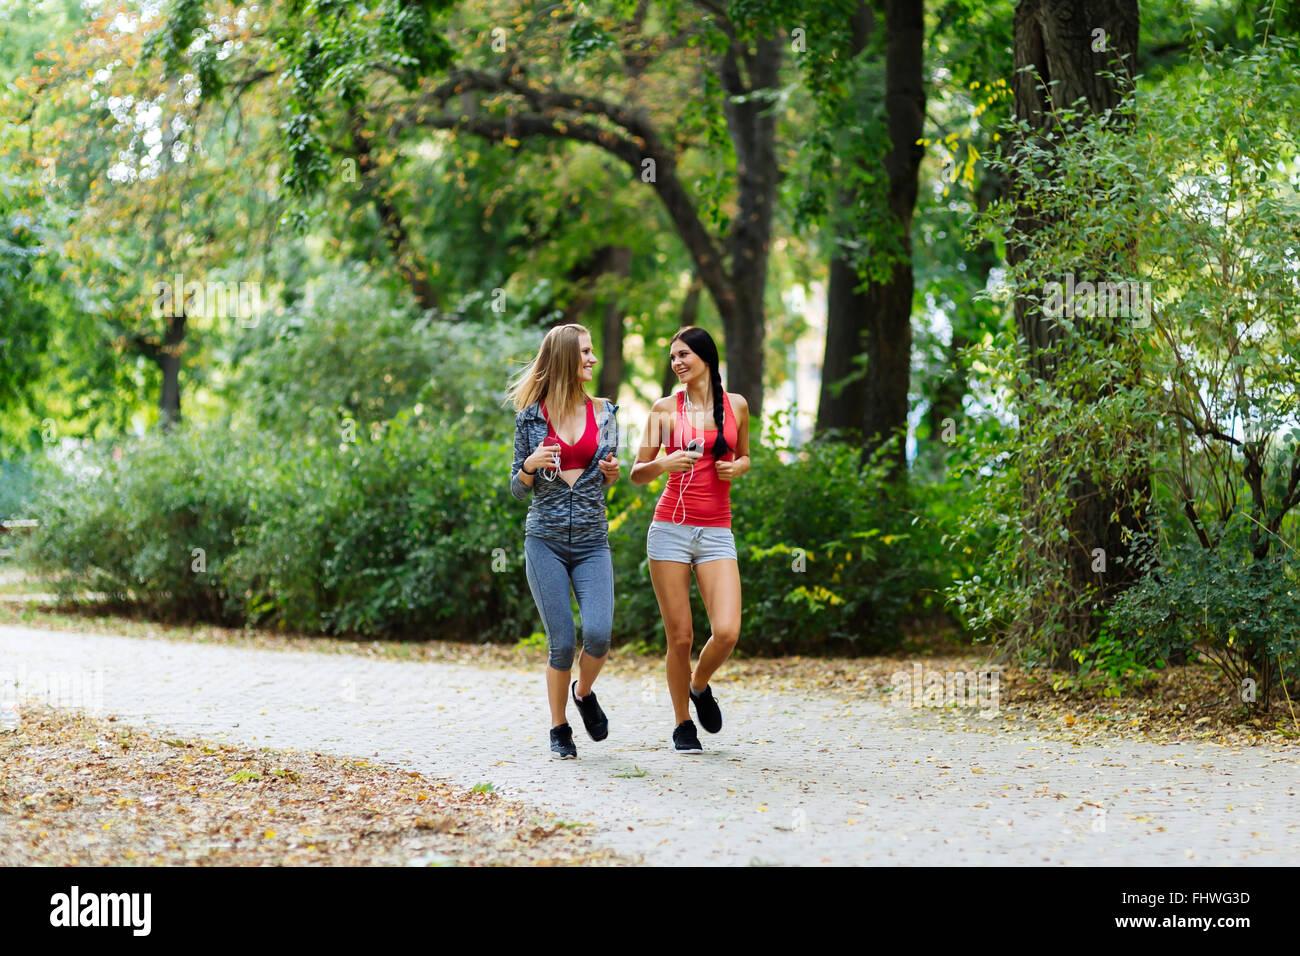 Zwei schöne Frauen im Park Joggen und ihren Körper in Form halten Stockbild